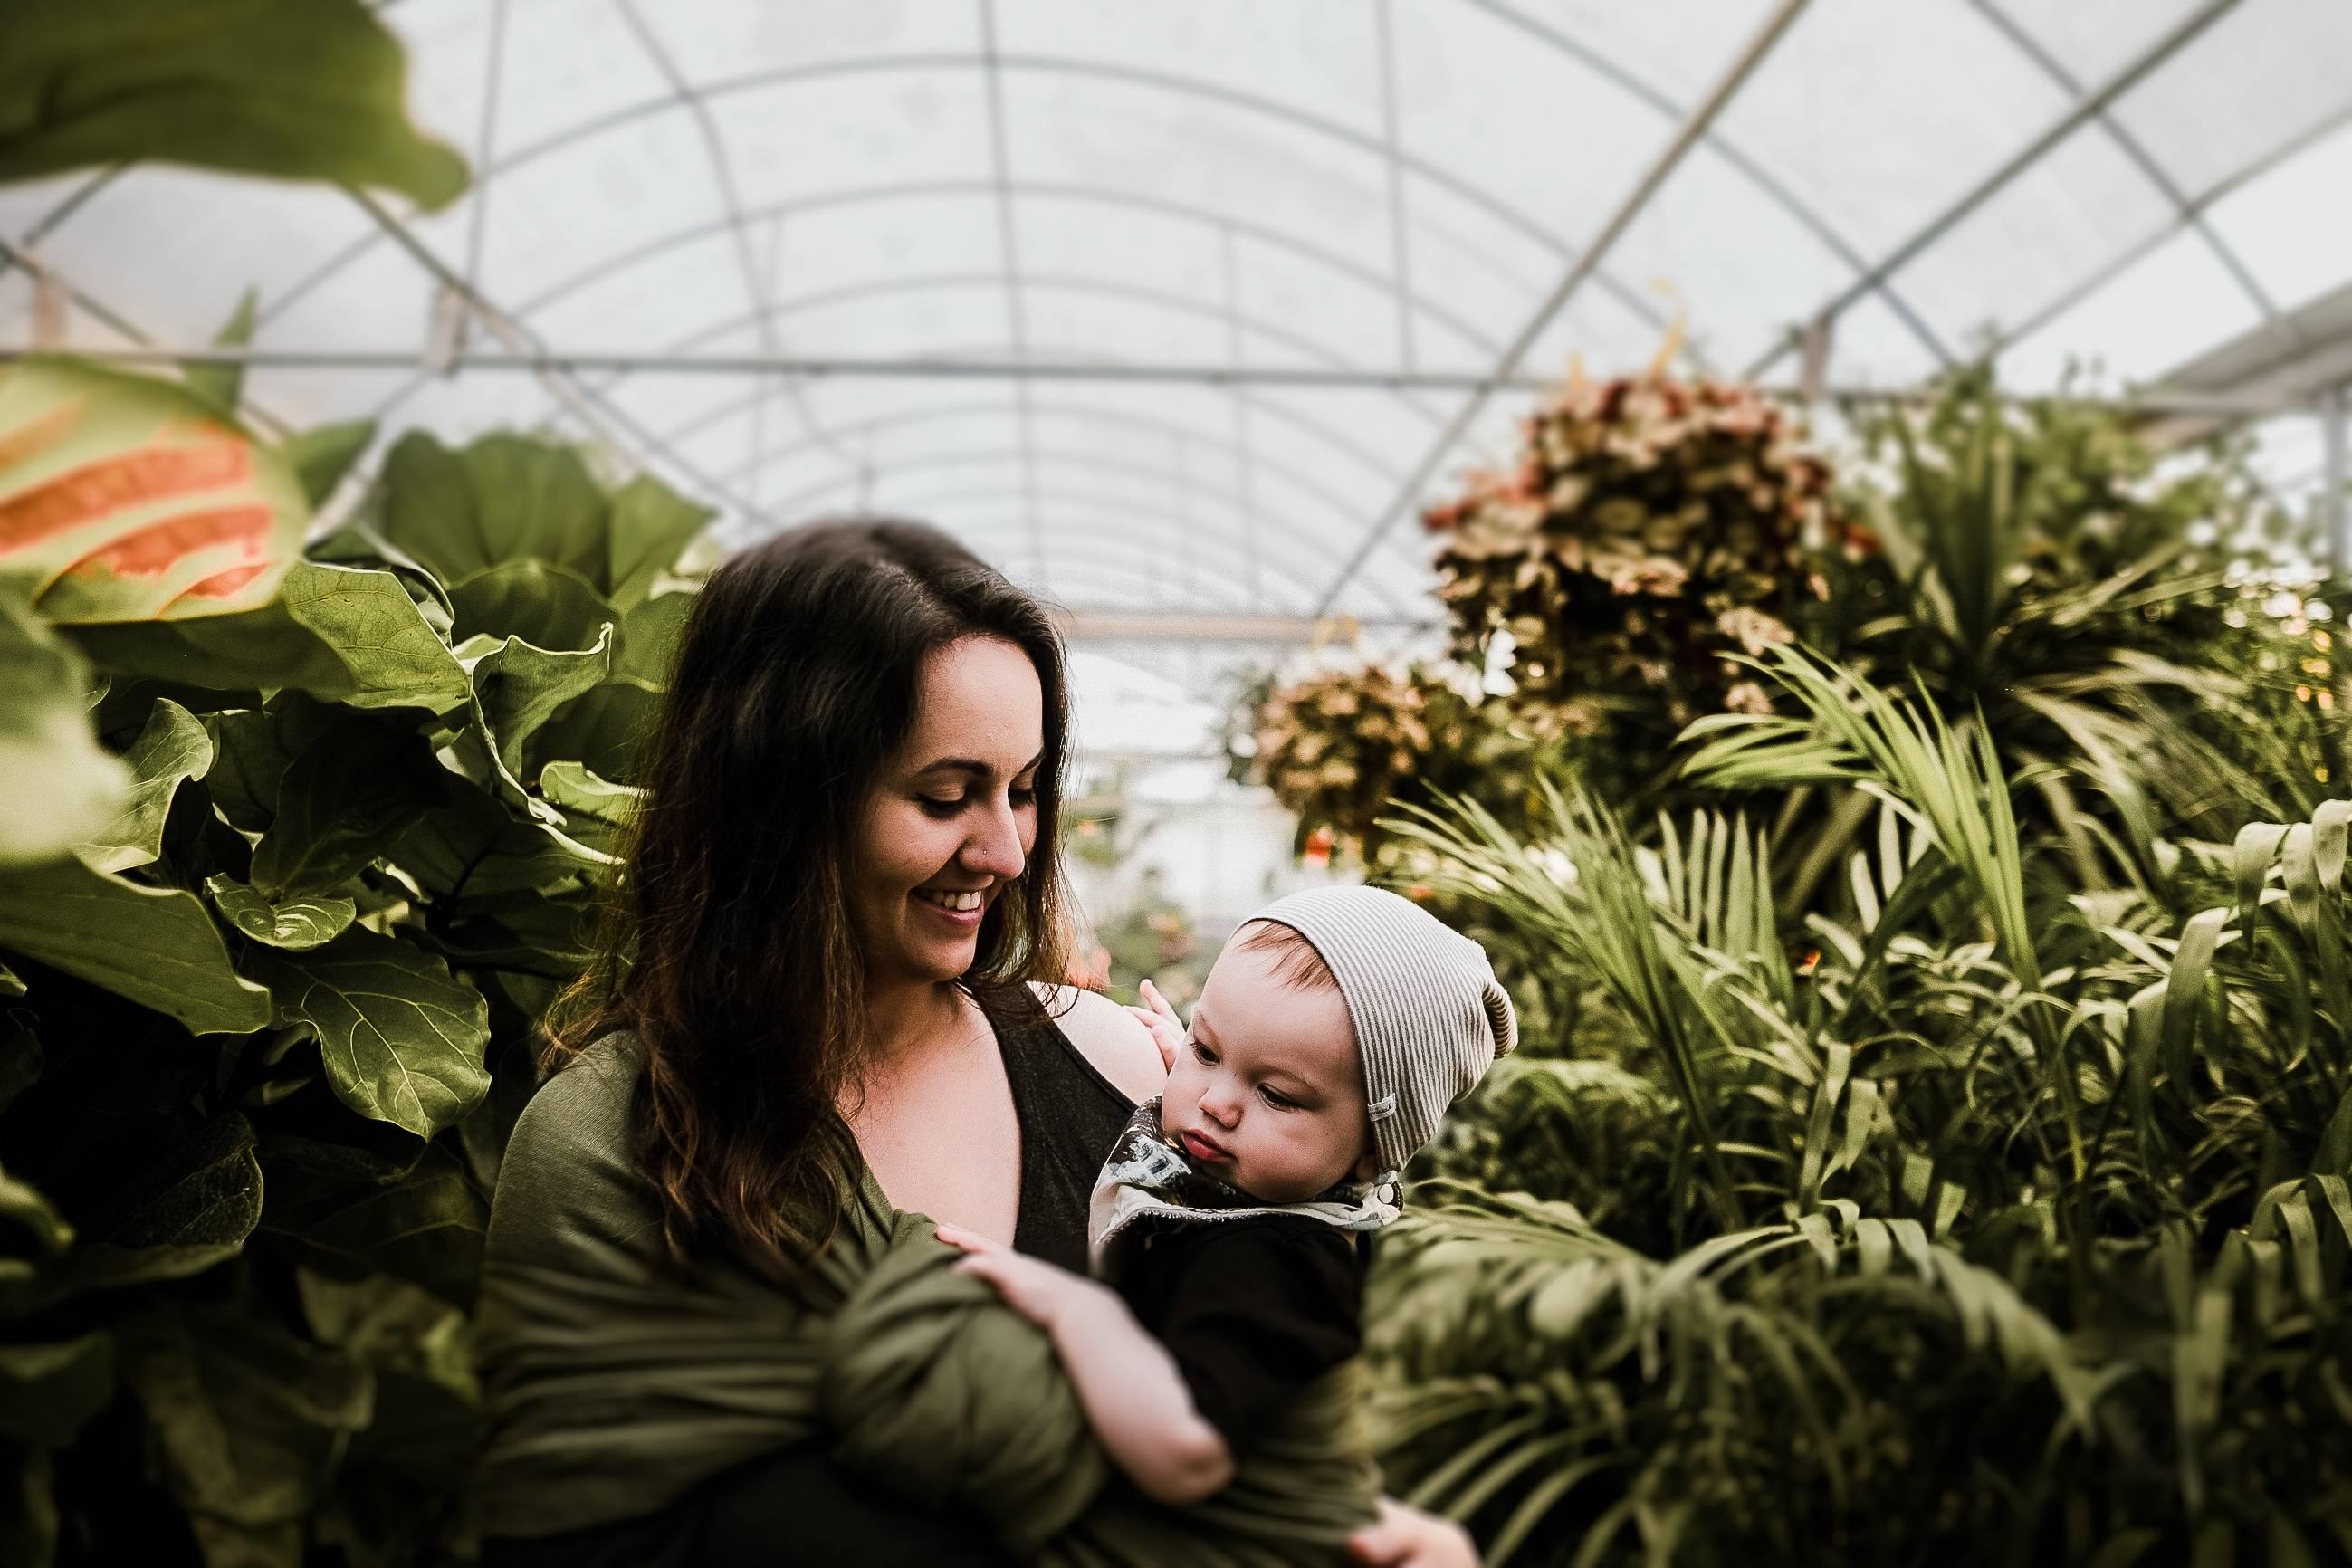 Во сколько дети начинают держать головку самостоятельно или когда новорожденный ребенок начинает держать голову лежа на животе и в вертикальном положении